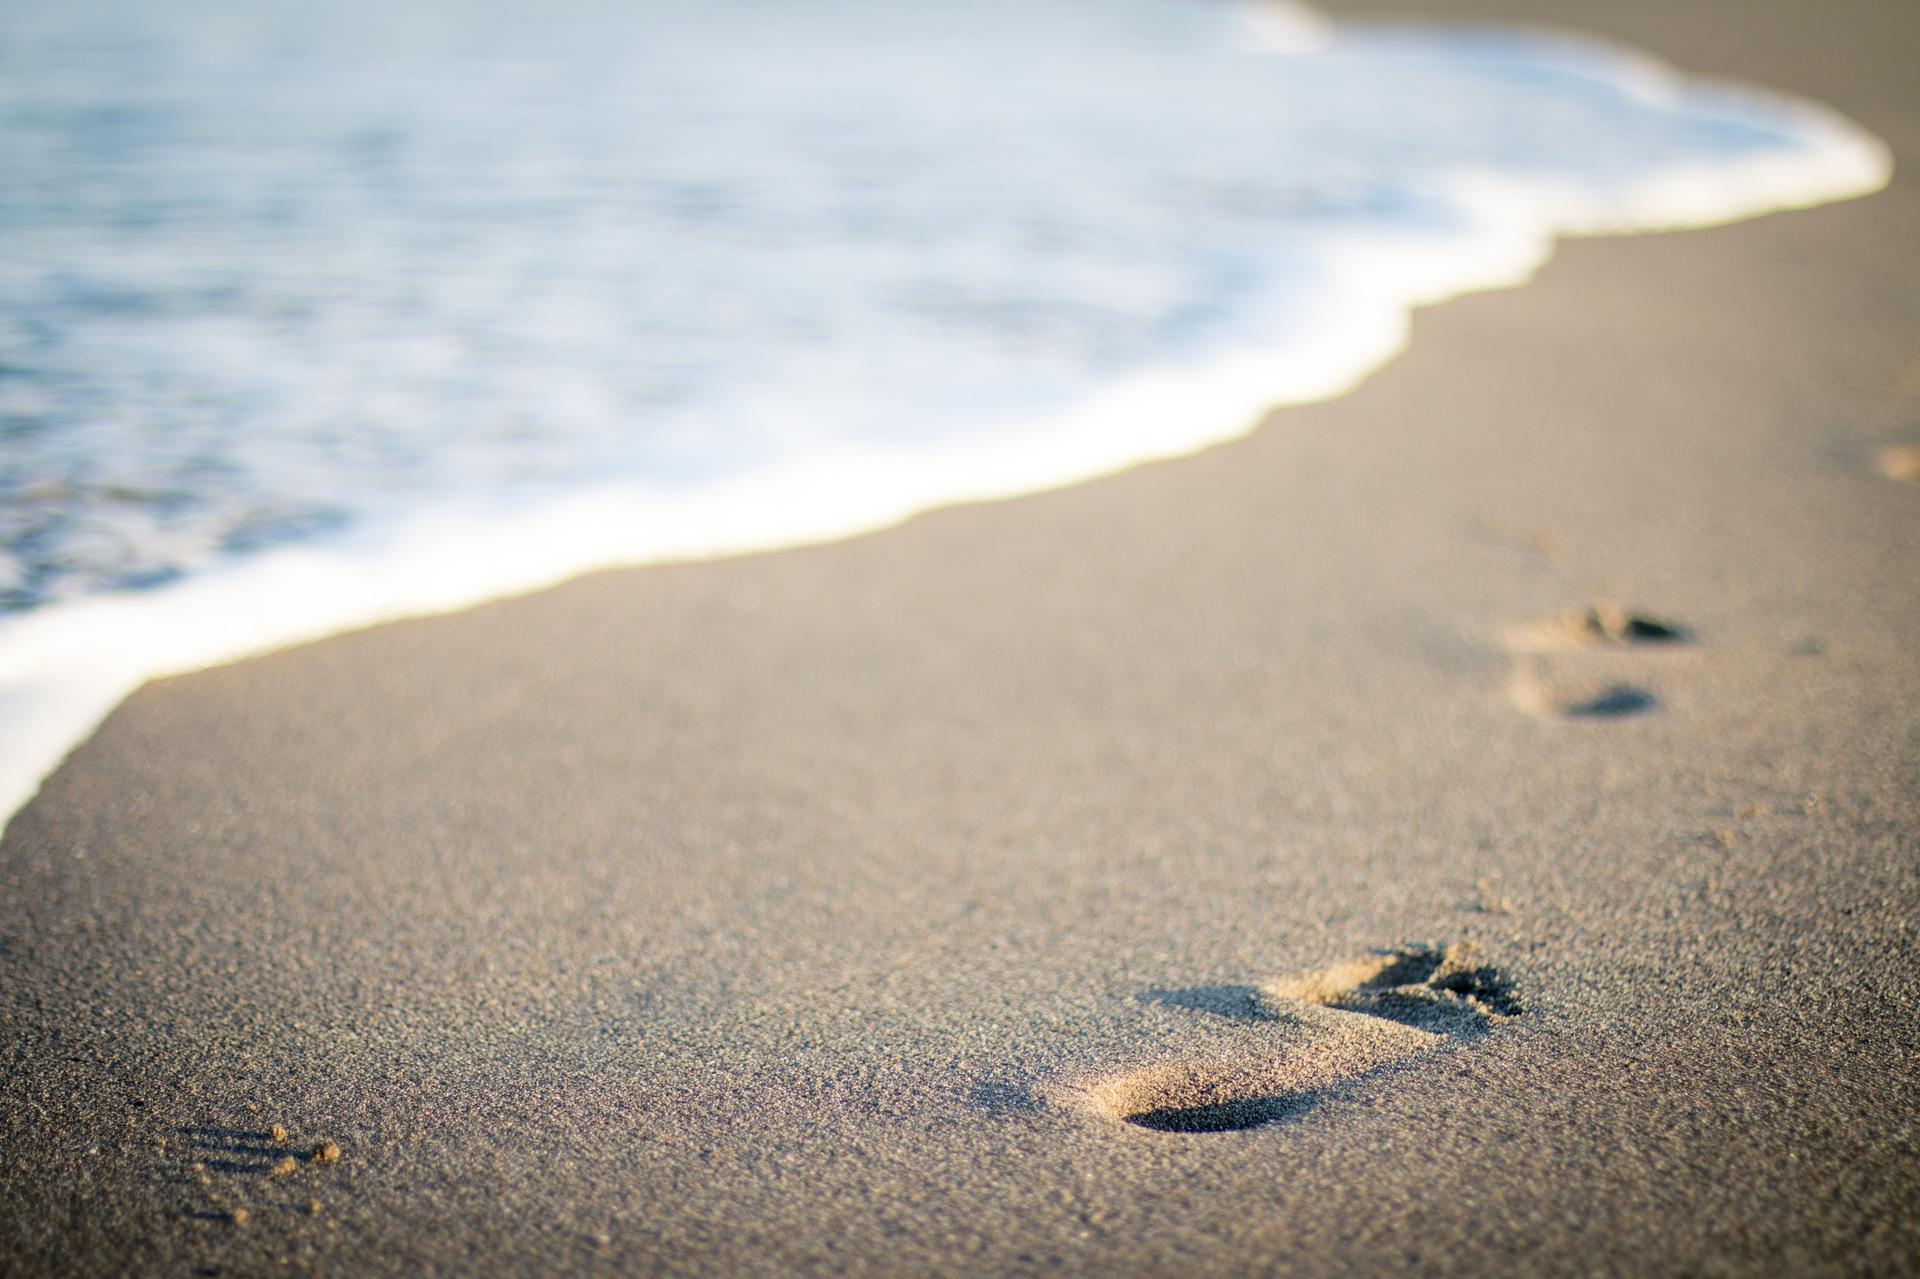 Παραλία, Άμμος, πατημασιές, καλοκαίρι, Ενοικιαζόμενα, Θάλασσα, κύματα - Wallpapers HD - Professor-falken.com